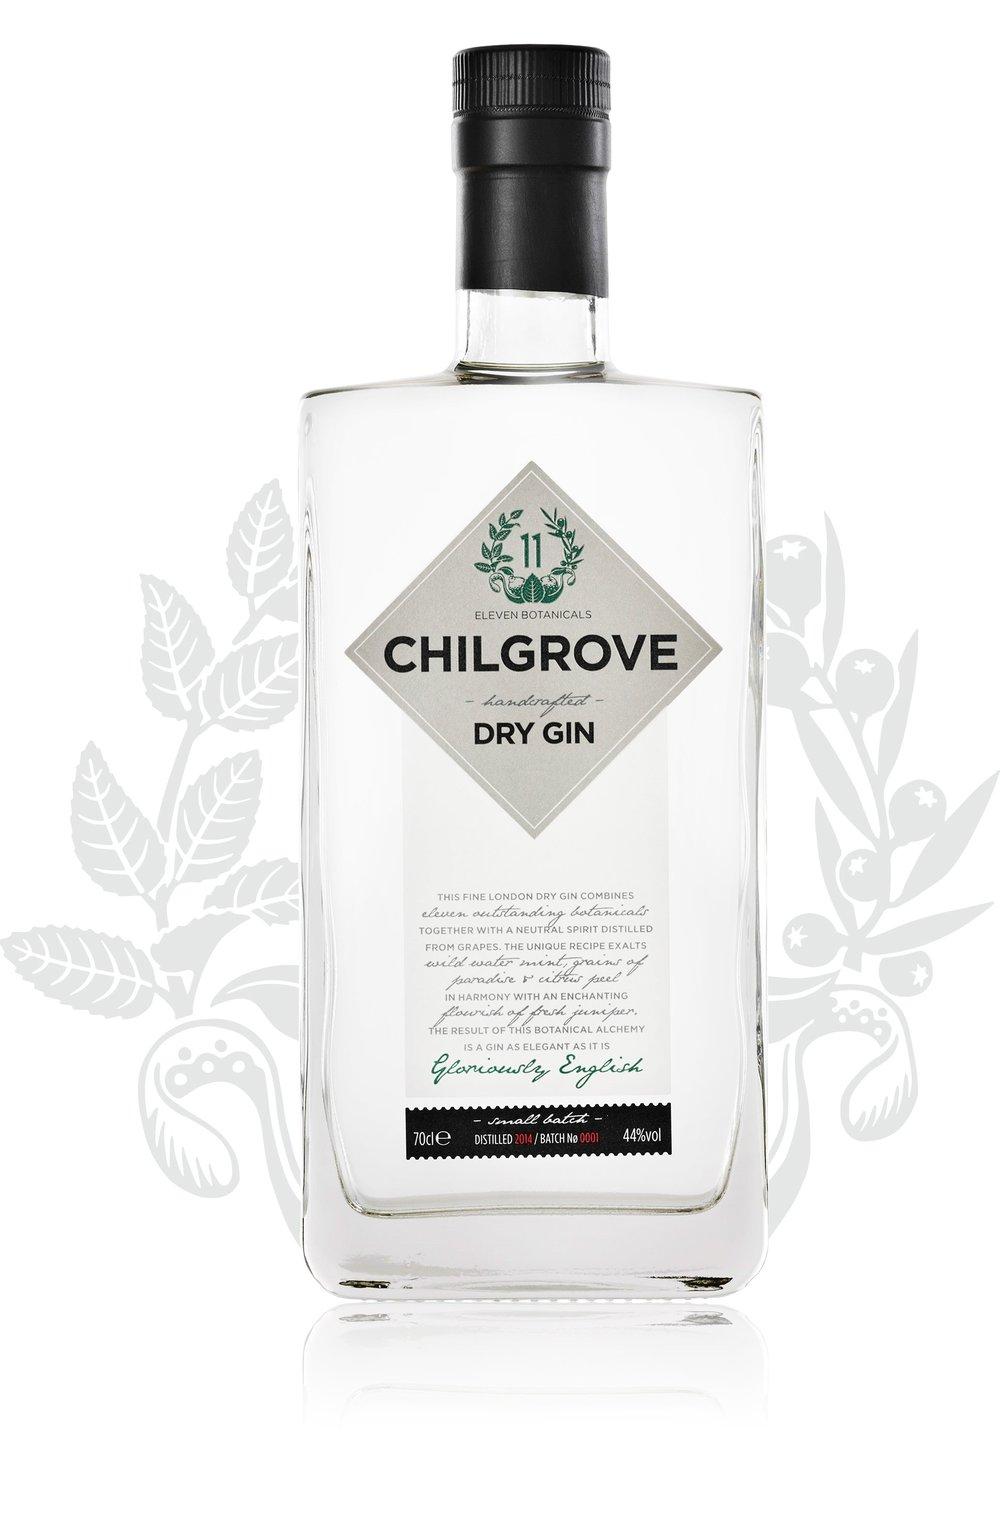 Chilgrove-bottle